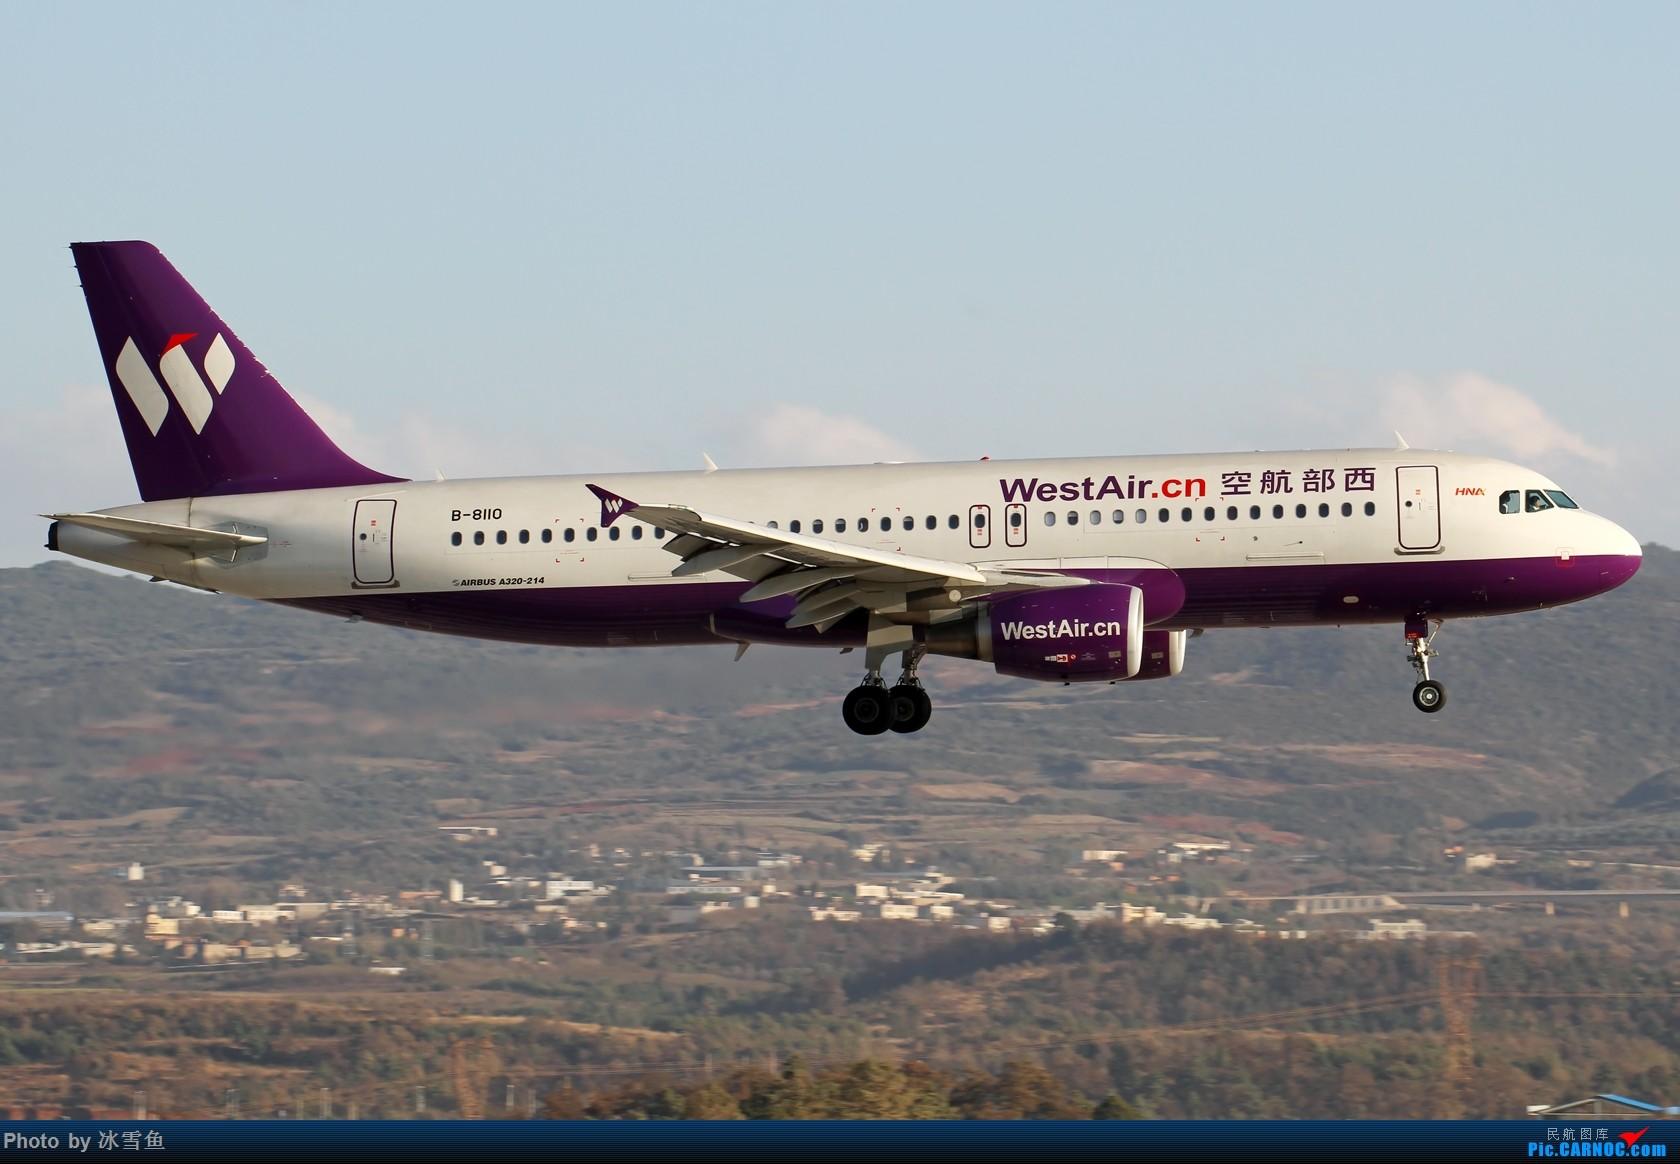 Re:[原创]【BLDDQ-昆明飞友会】春节假期有时间去长水拍拍,不要问我位置............ AIRBUS A320-200 B-8110 中国昆明长水国际机场